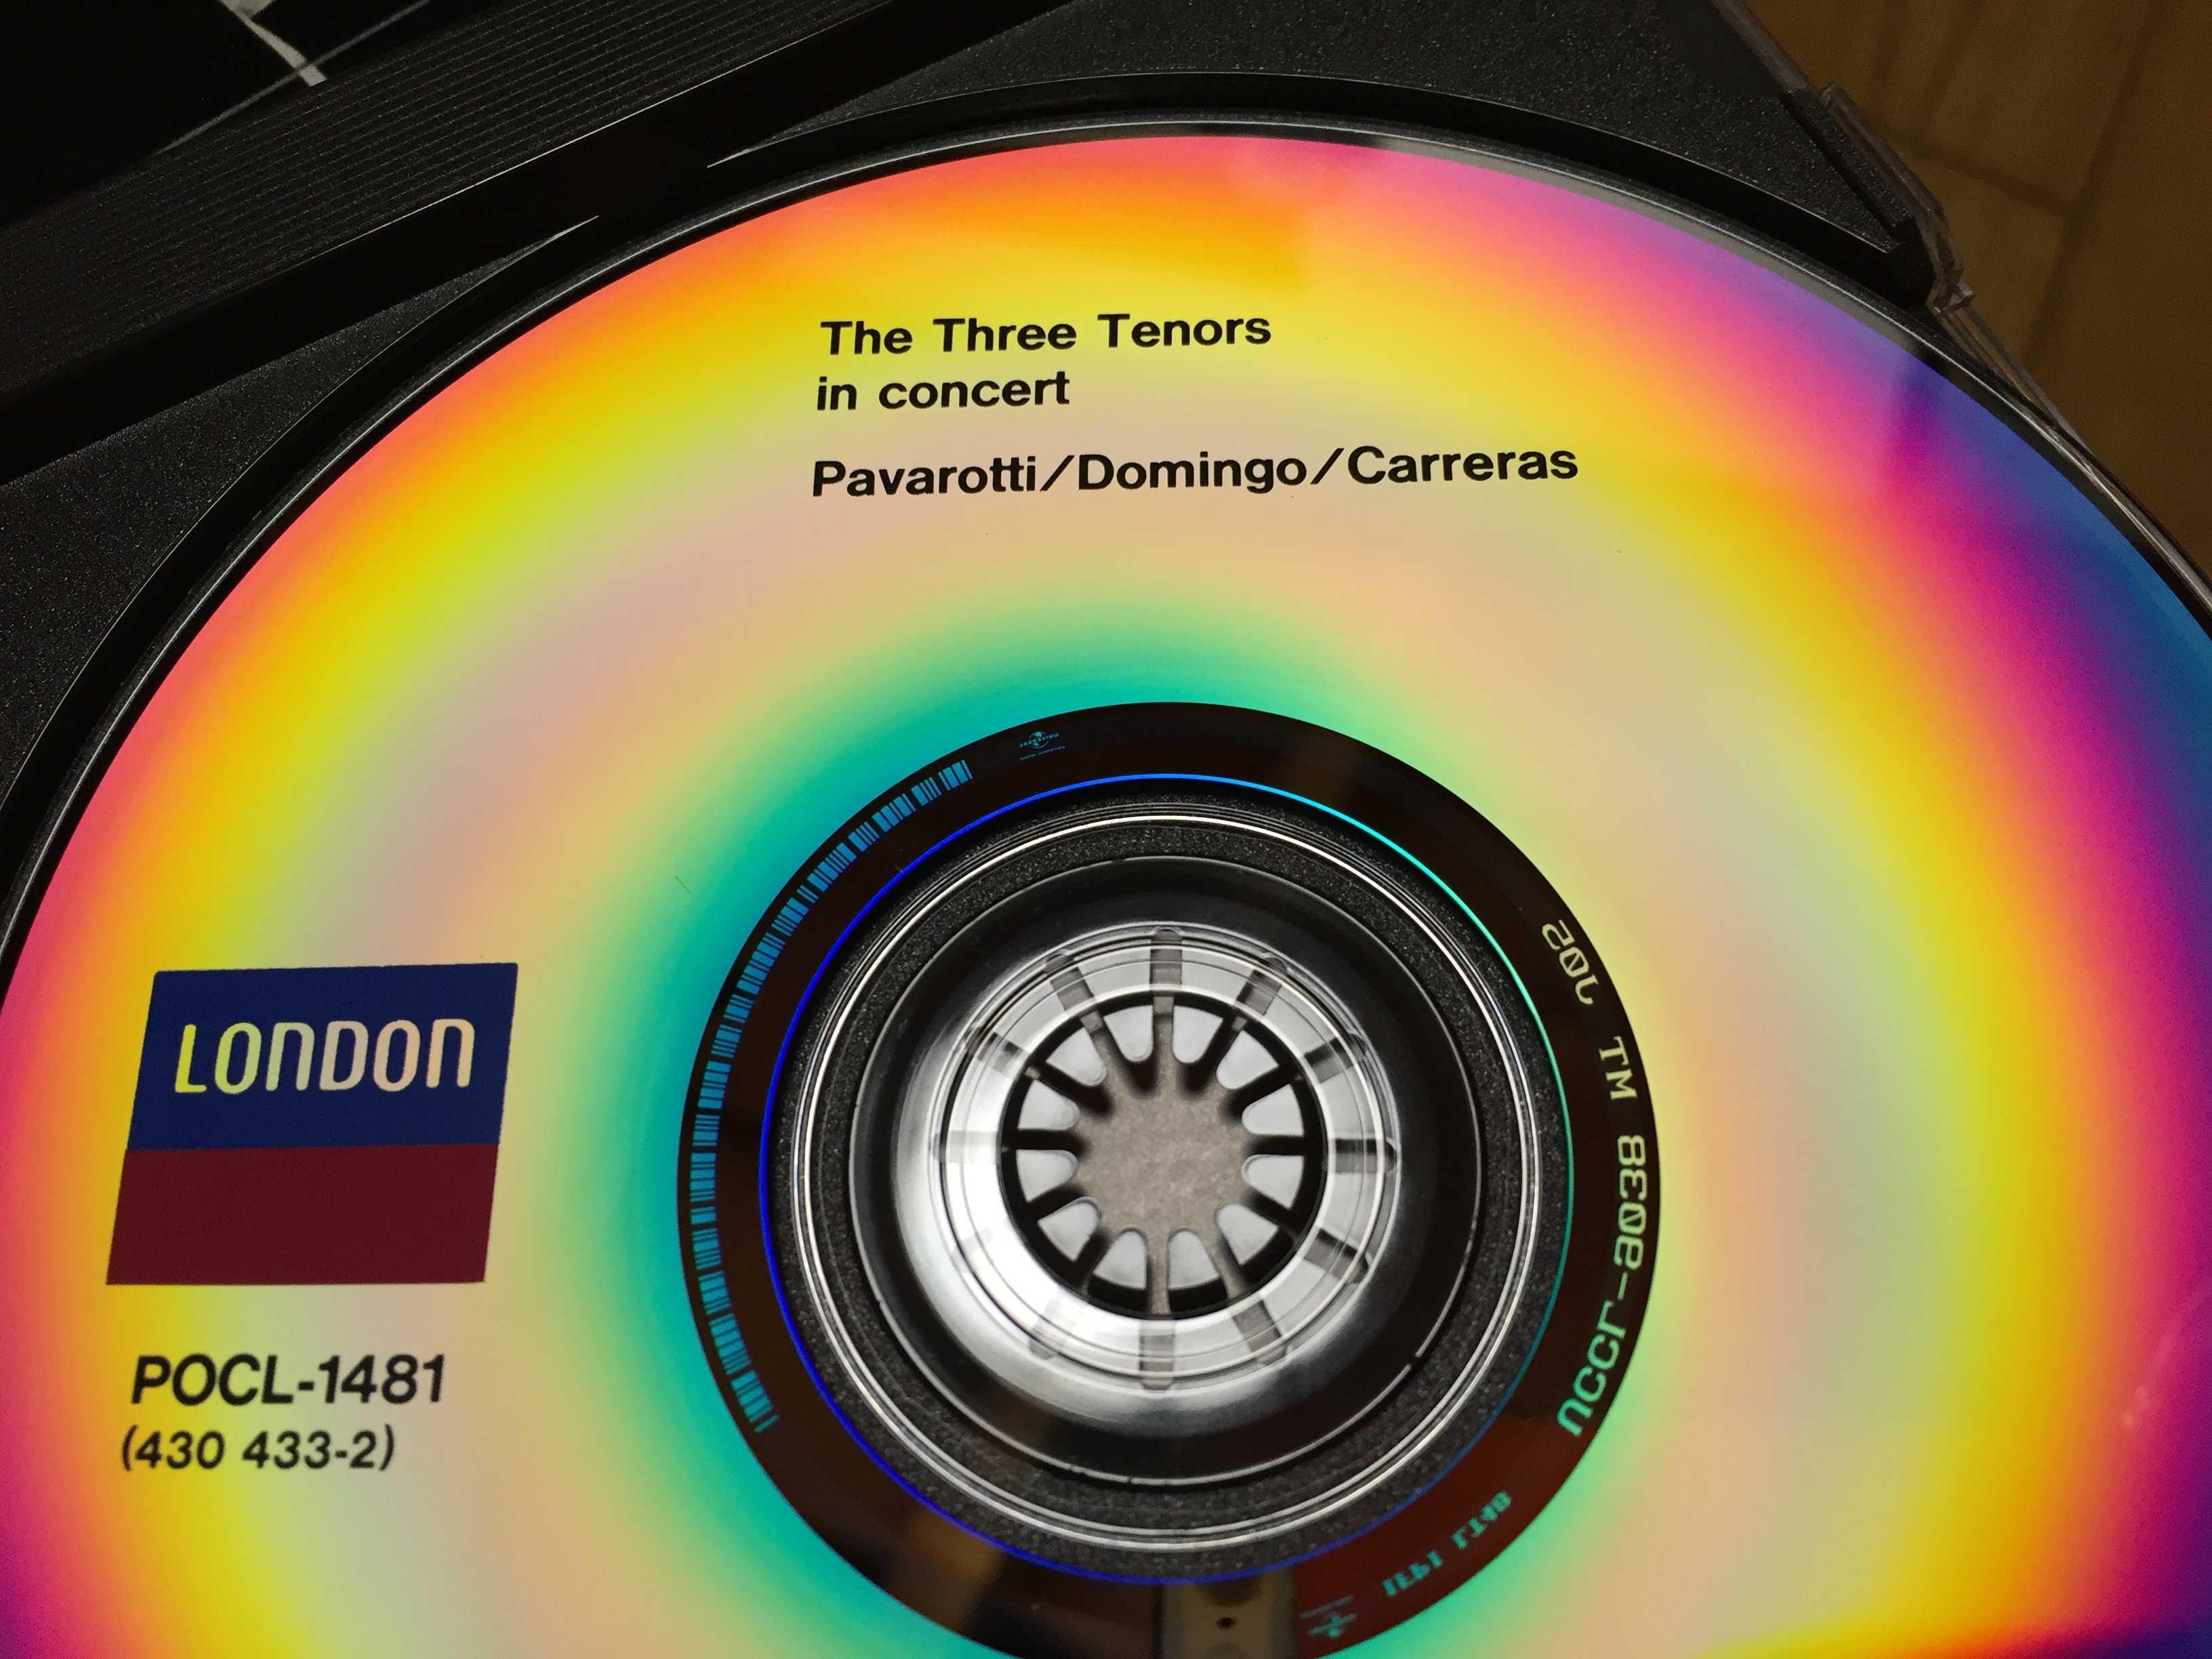 POCL-1481: The Three Tenors in concert - Pavarotti / Domingo / Carreras